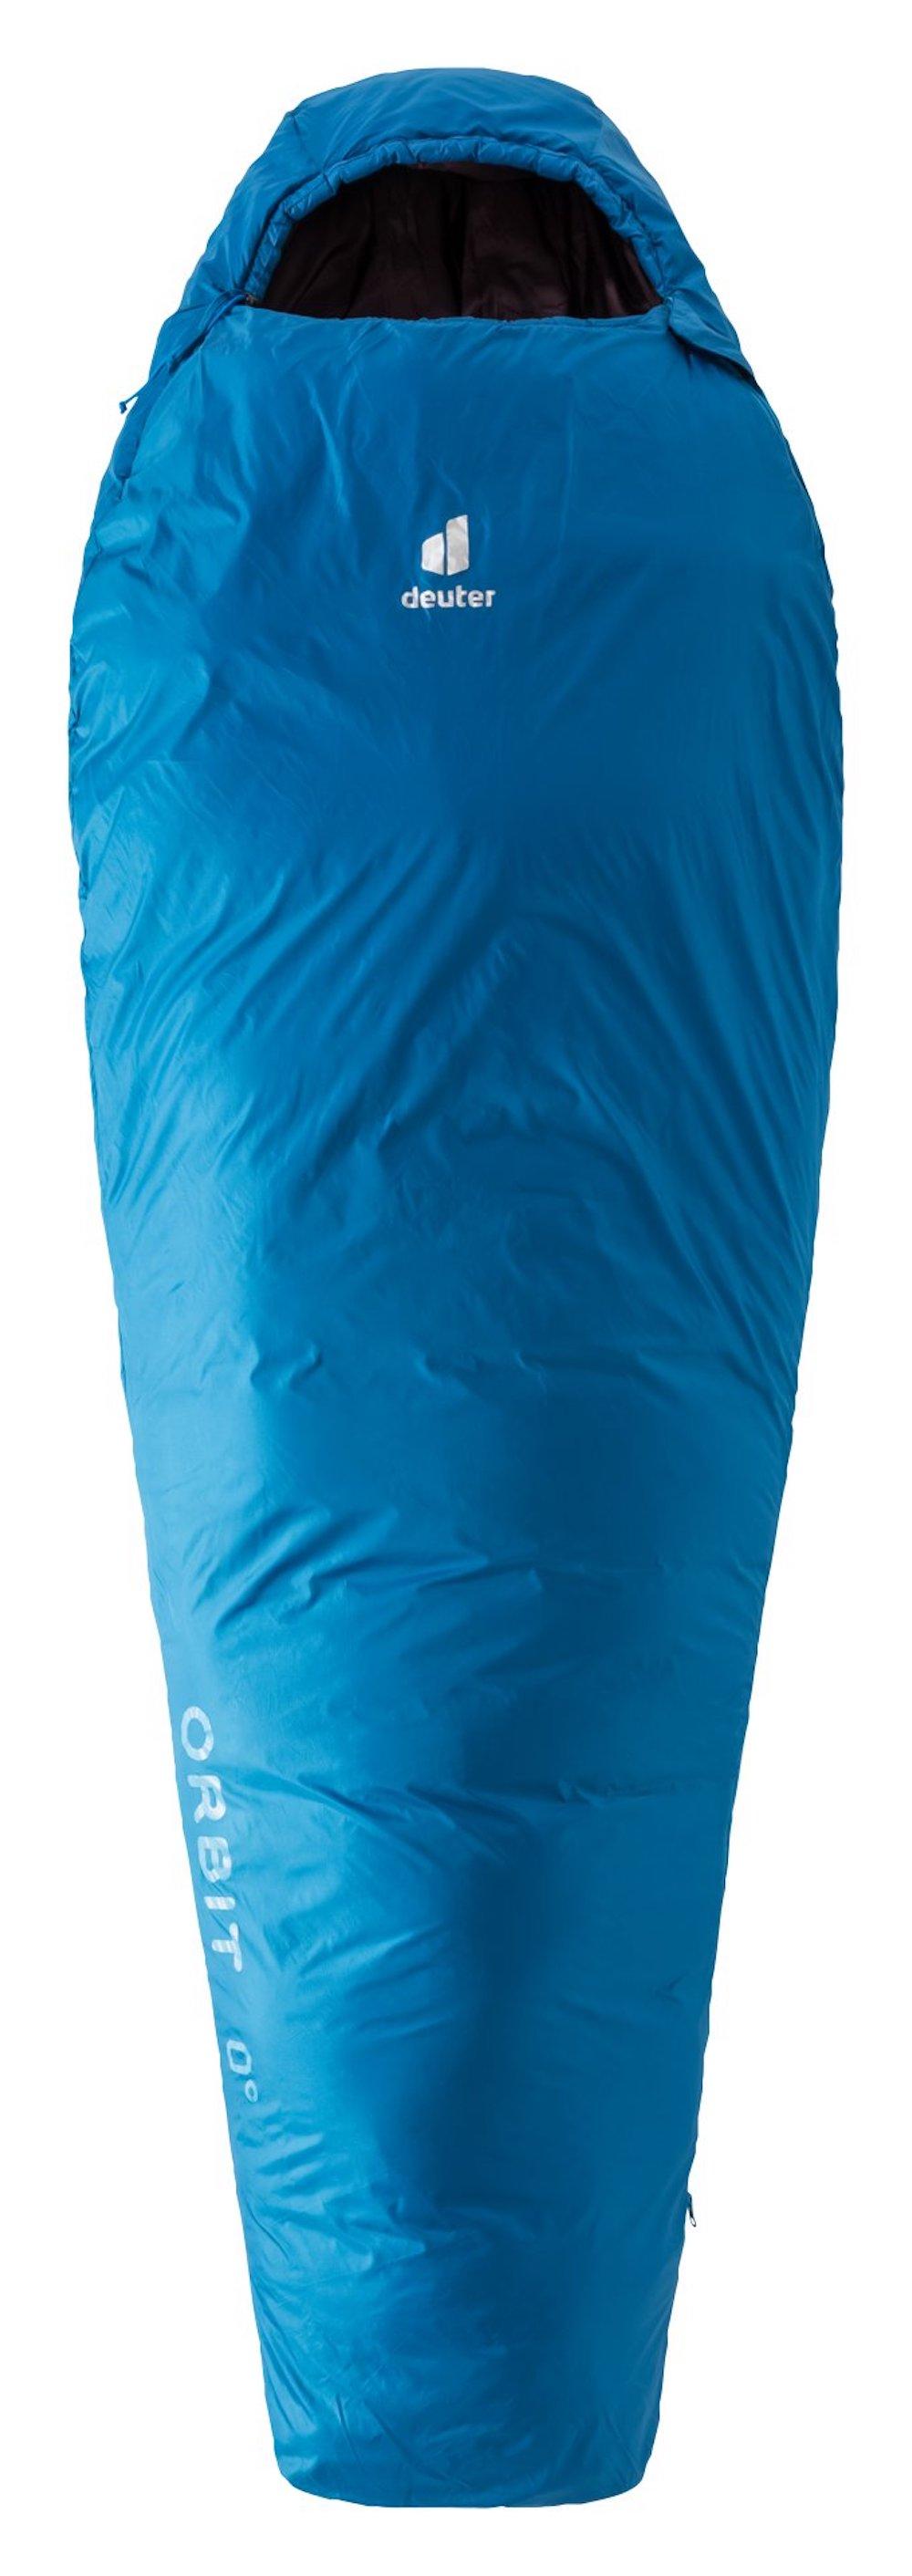 Deuter - Orbit 0° SL / Zip left, Kunstfaserschlafsack für Frauen